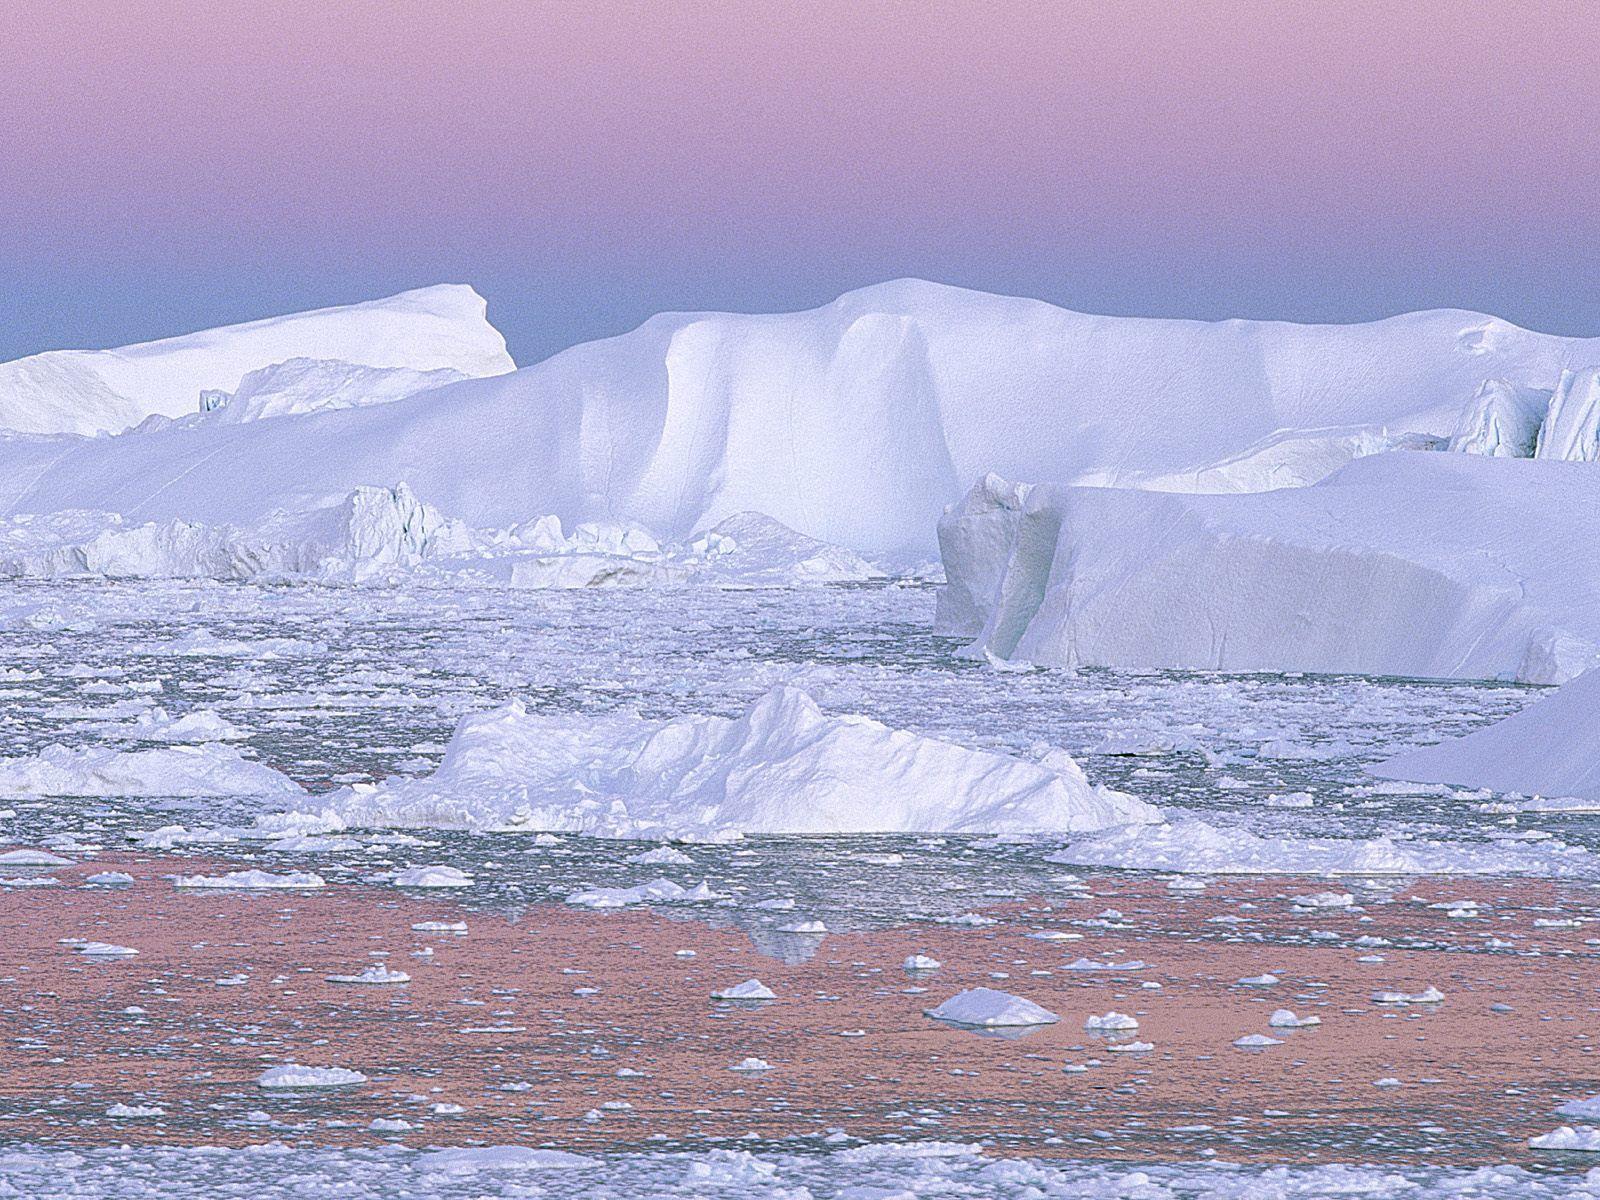 57590 скачать обои Природа, Айсберг, Розовый, Белый, Холод, Гренландия - заставки и картинки бесплатно